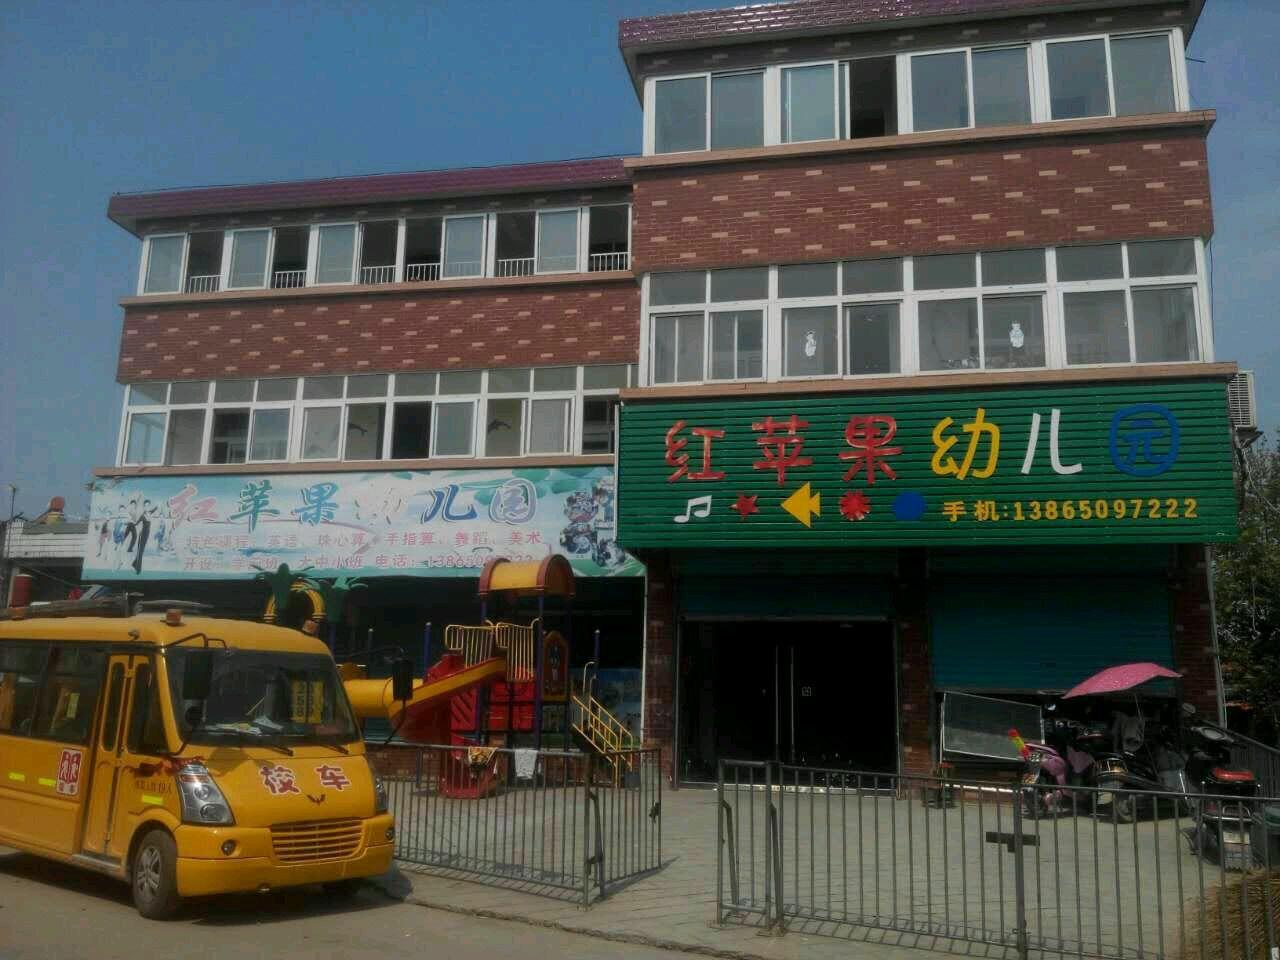 上桥红苹果幼儿园-图片-蚌埠-大众点评网